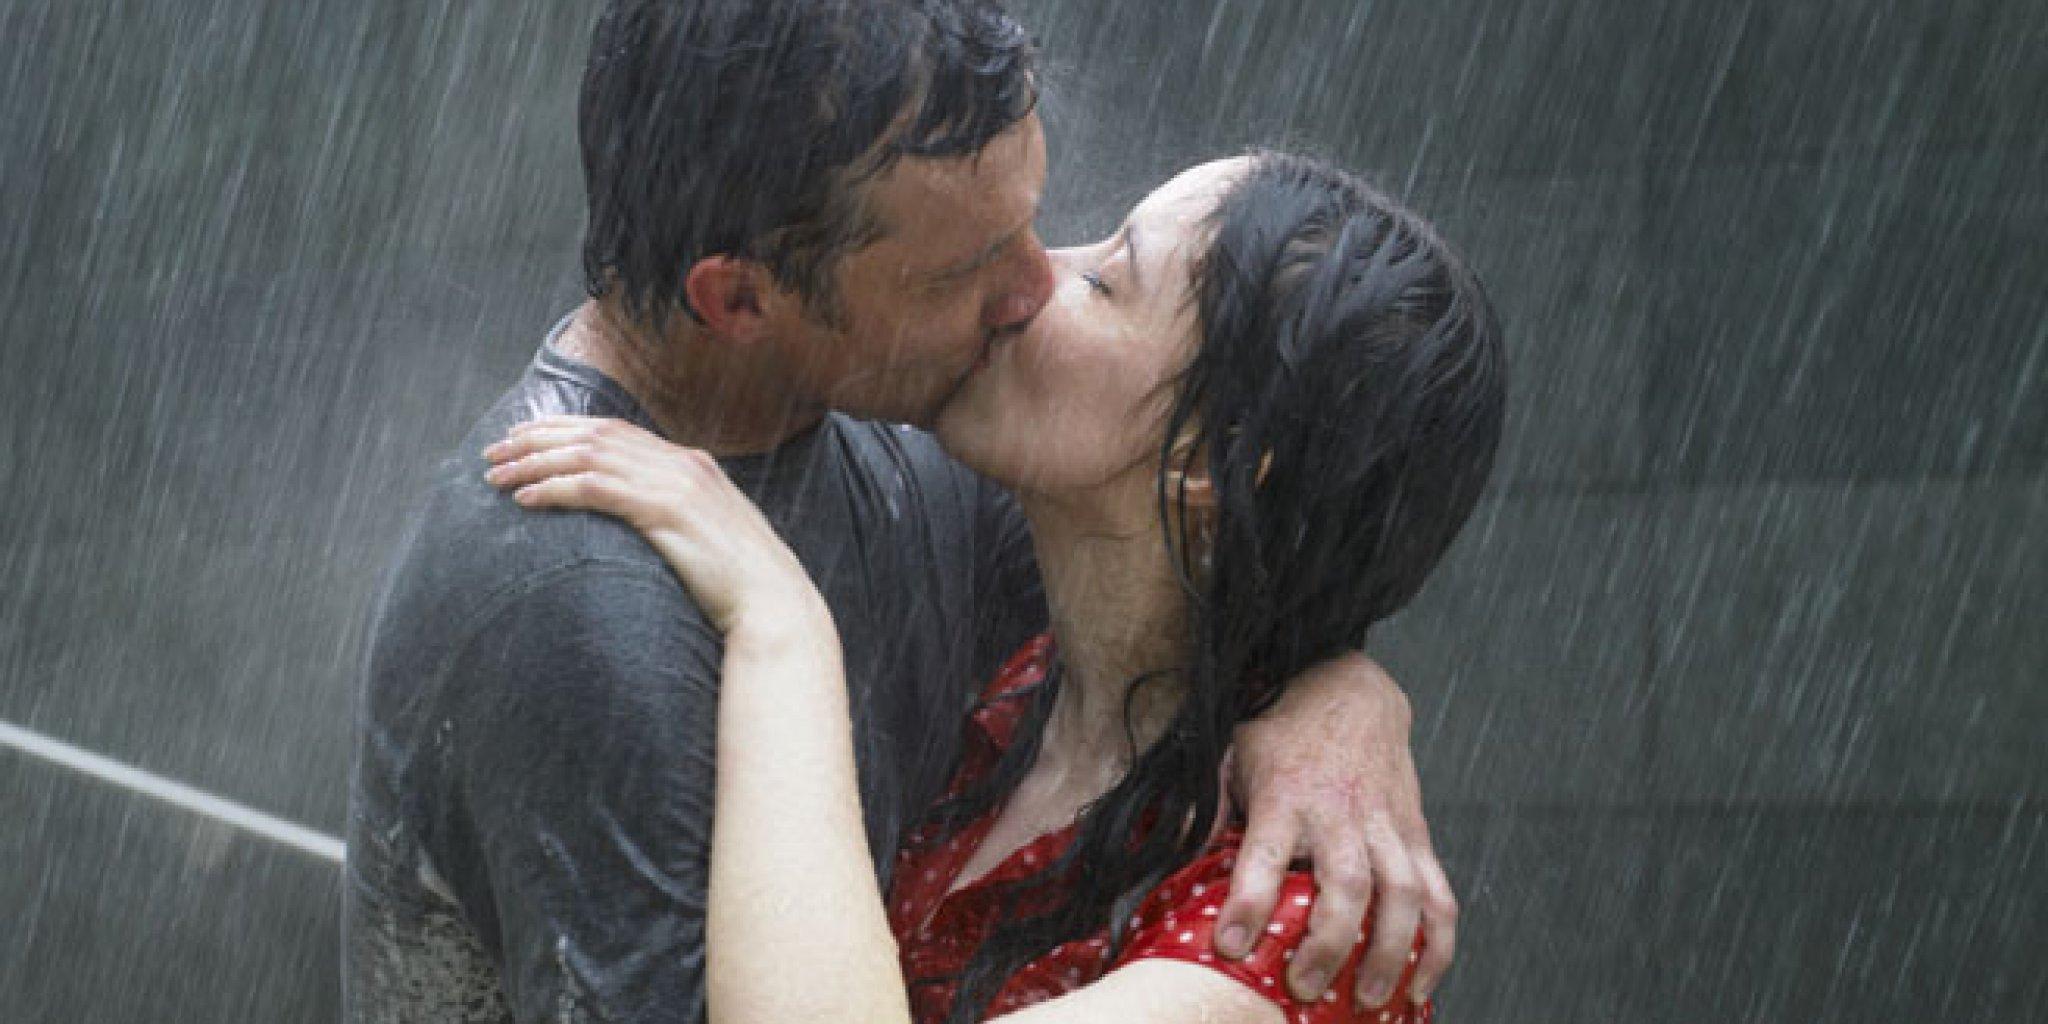 Selon une étude, l'amour provoque des changements génétiques chez la femme